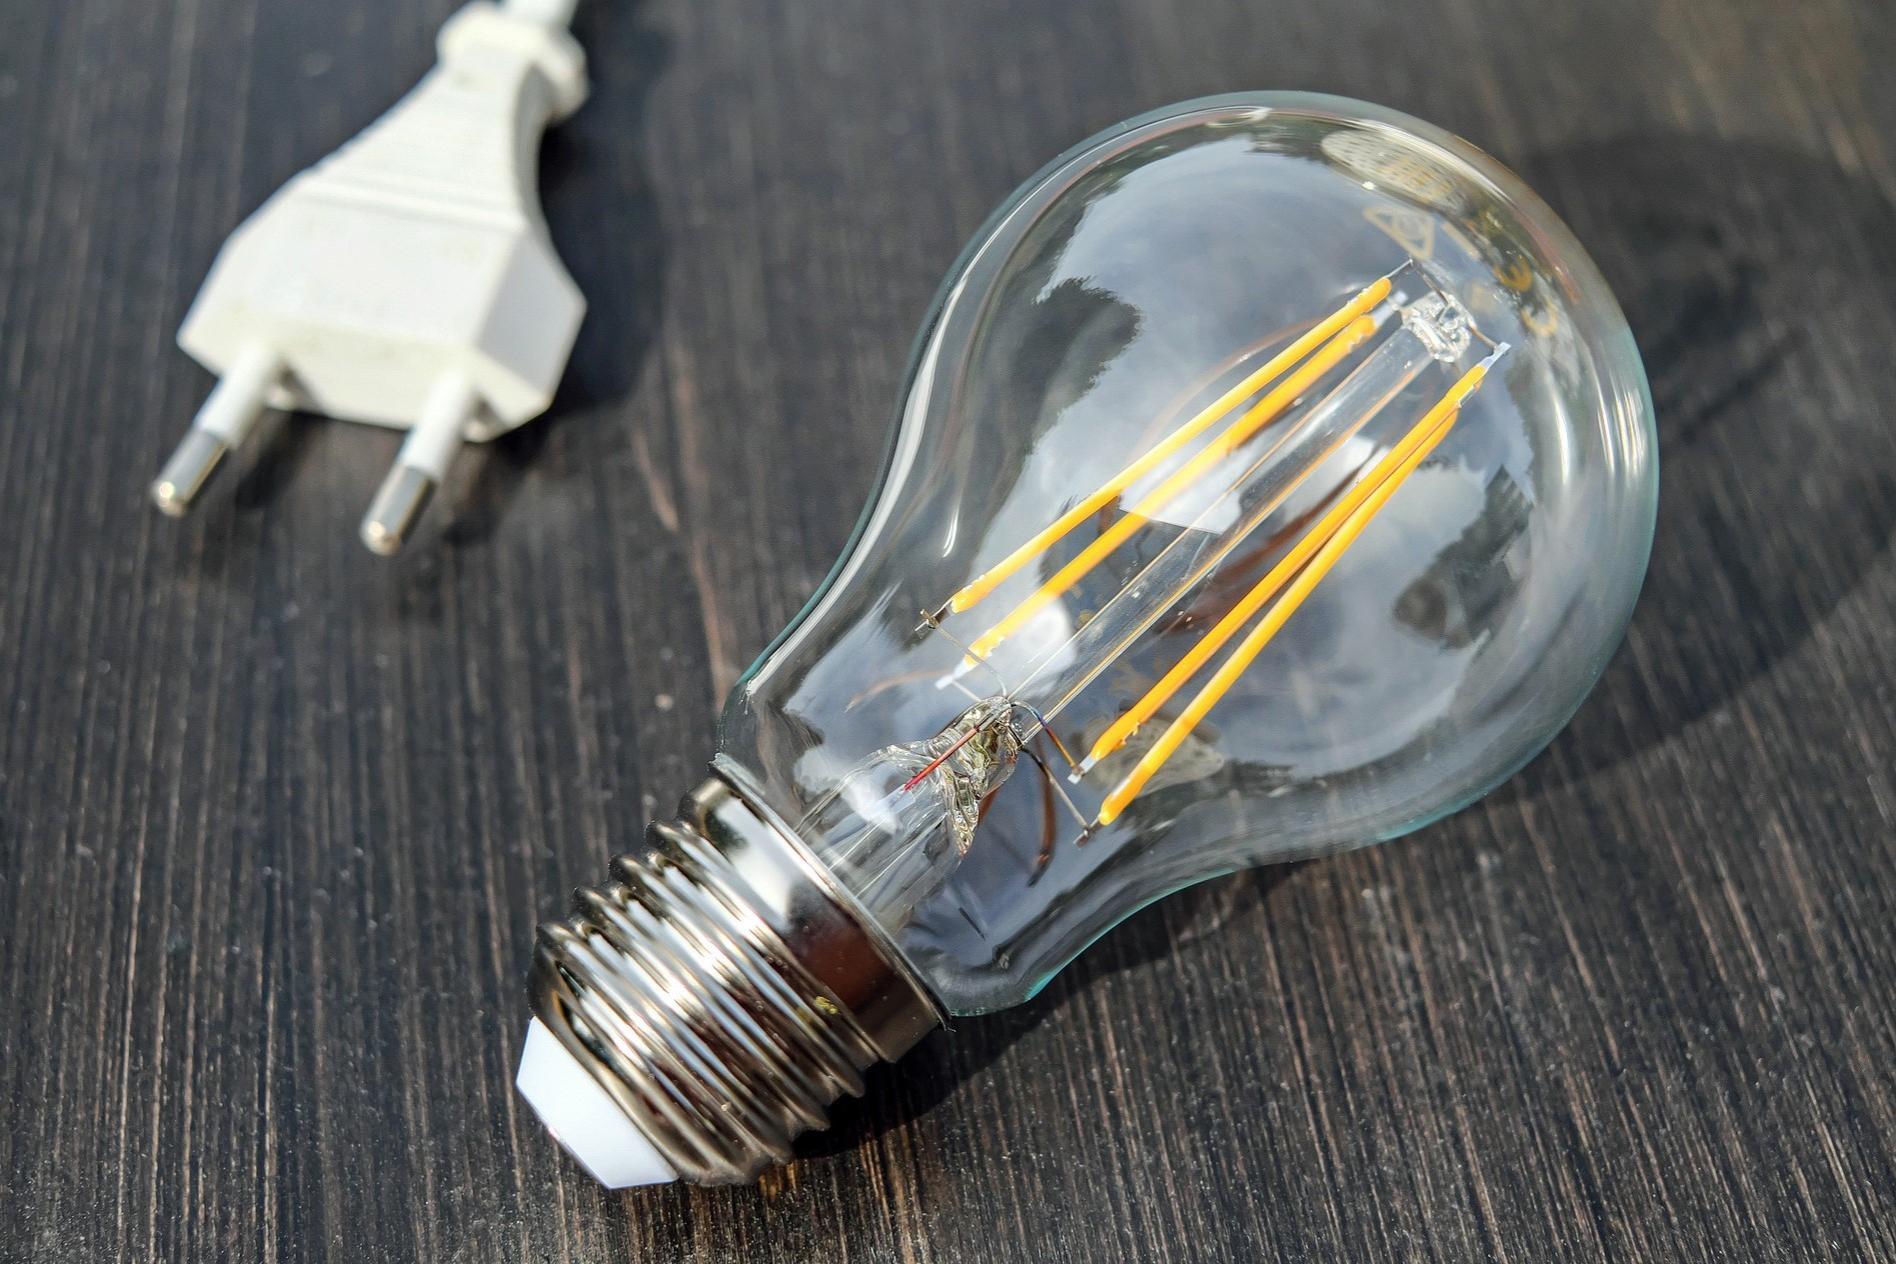 Bild Glühbirne und Stecker, Quelle: Bild von Couleur auf Pixabay